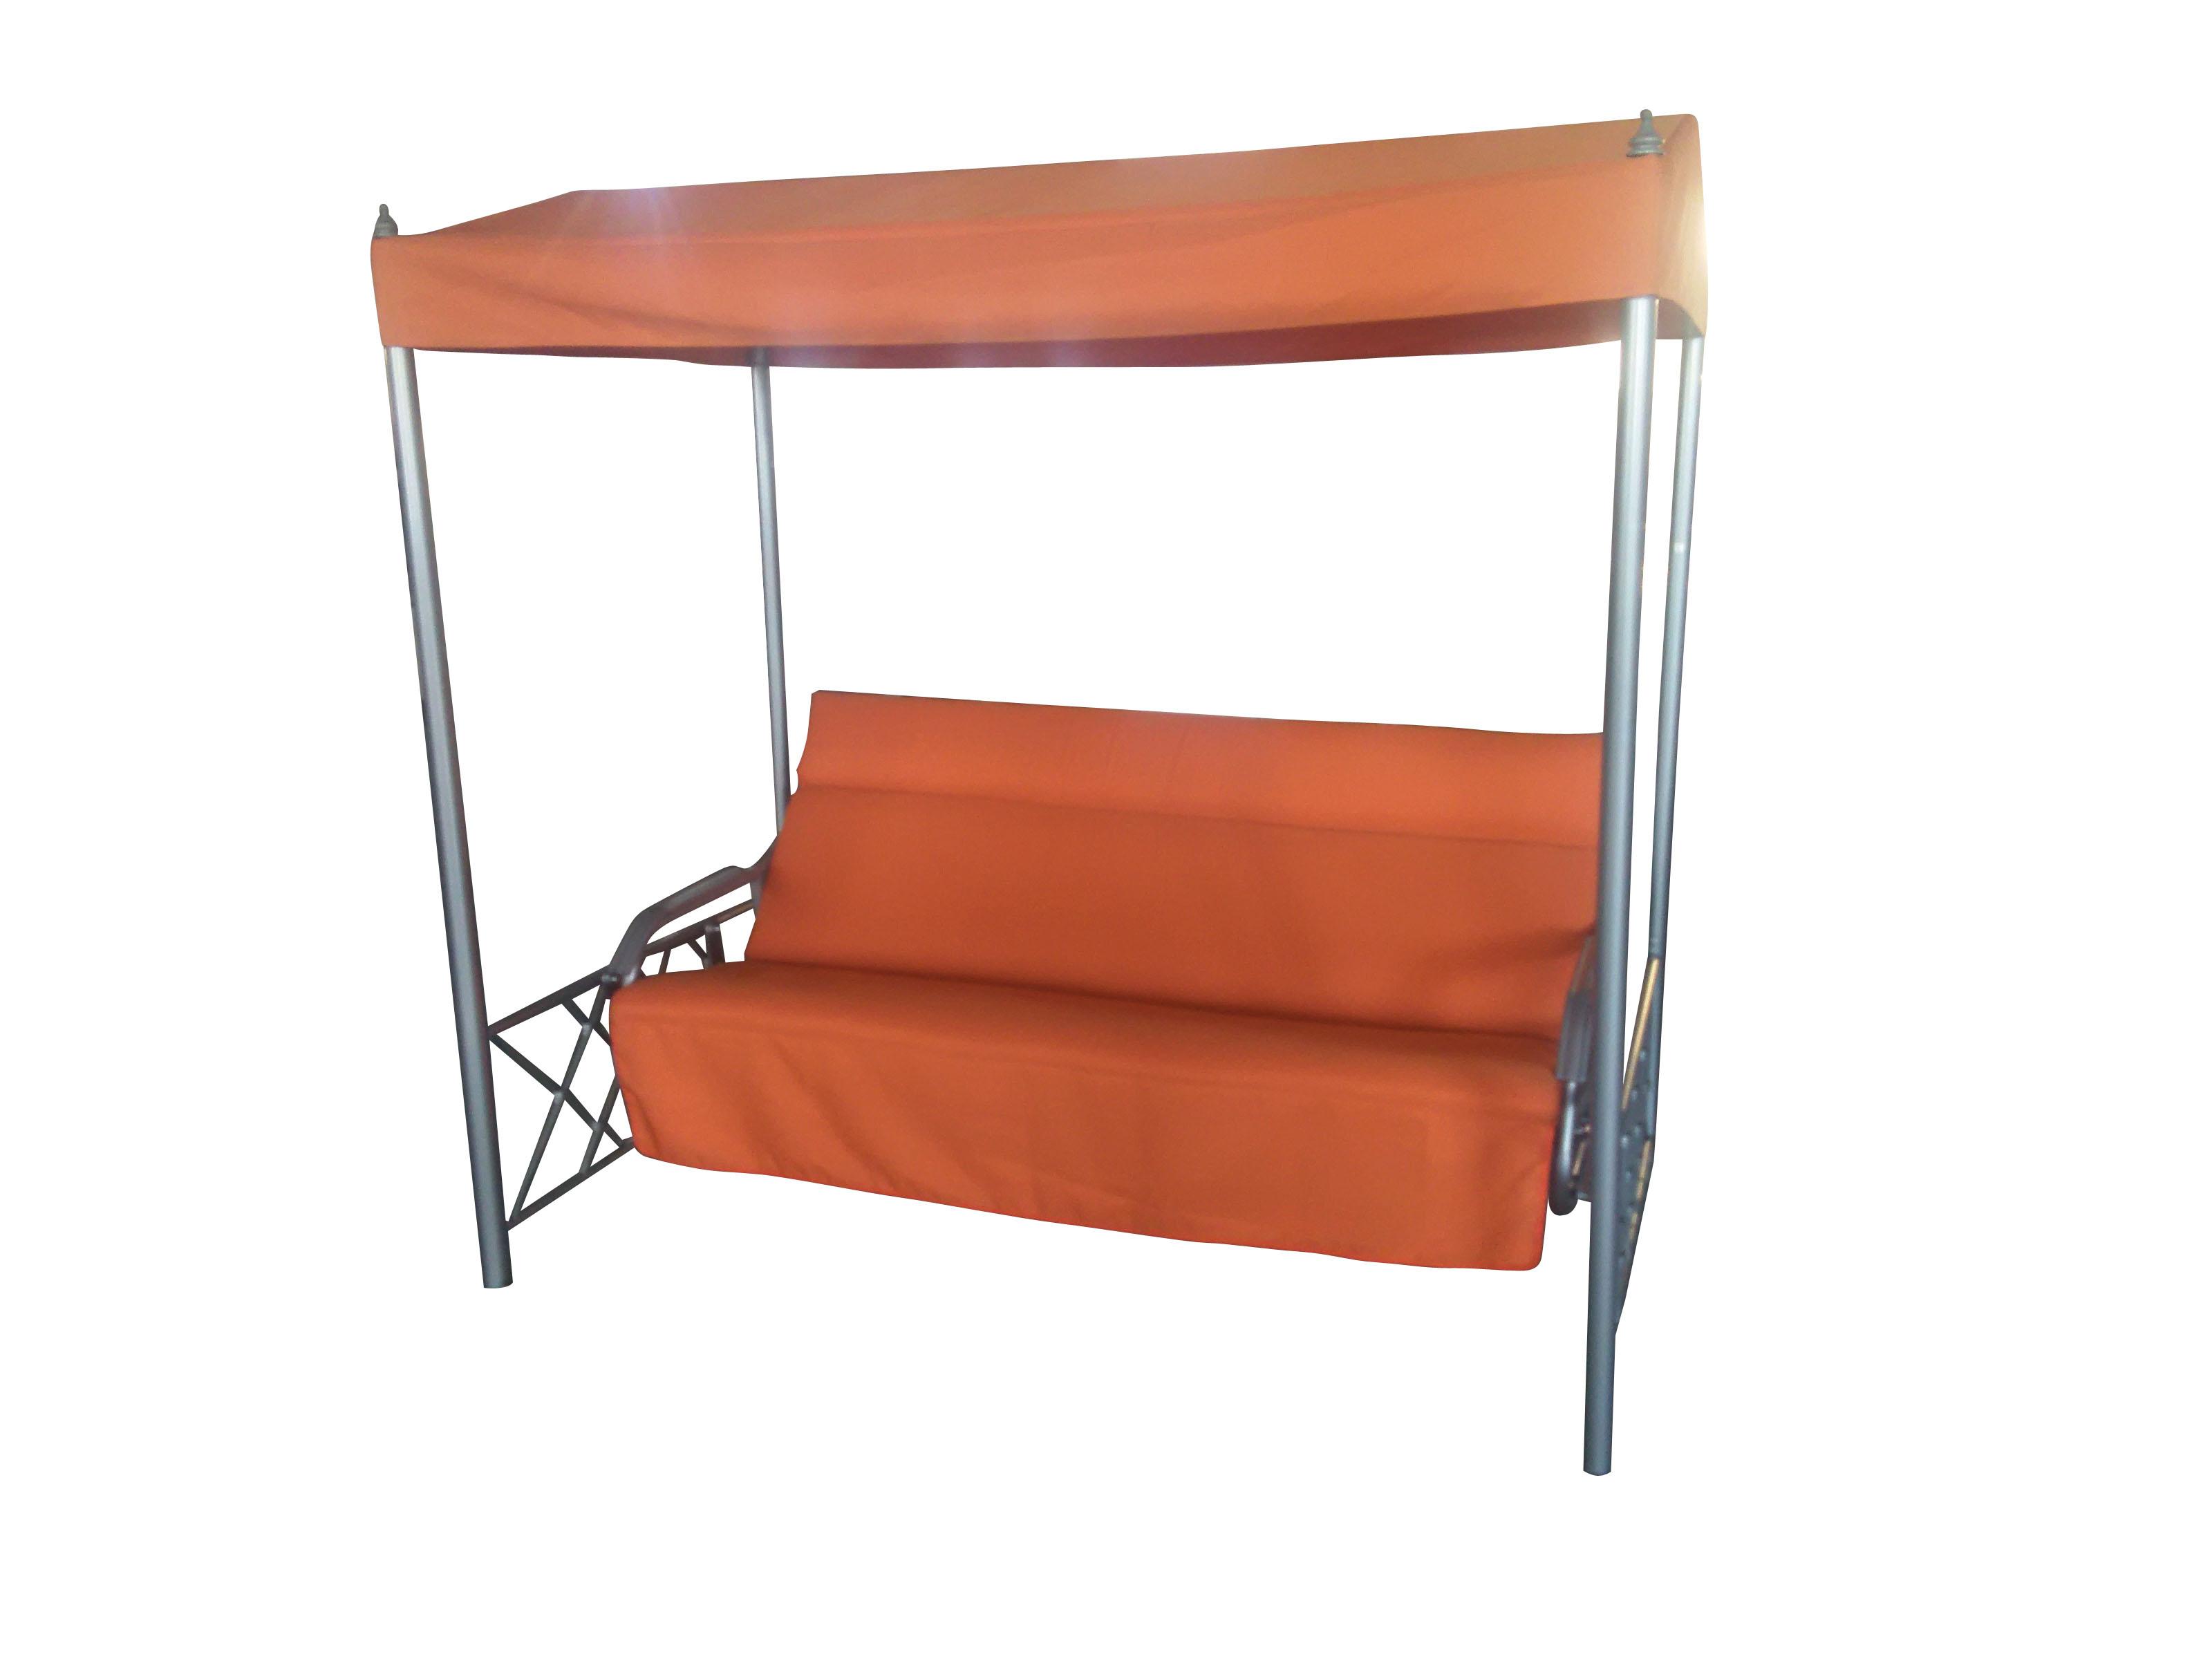 Նստարան ճոճվող SW01 Delux Patio Chair նարնջագույն